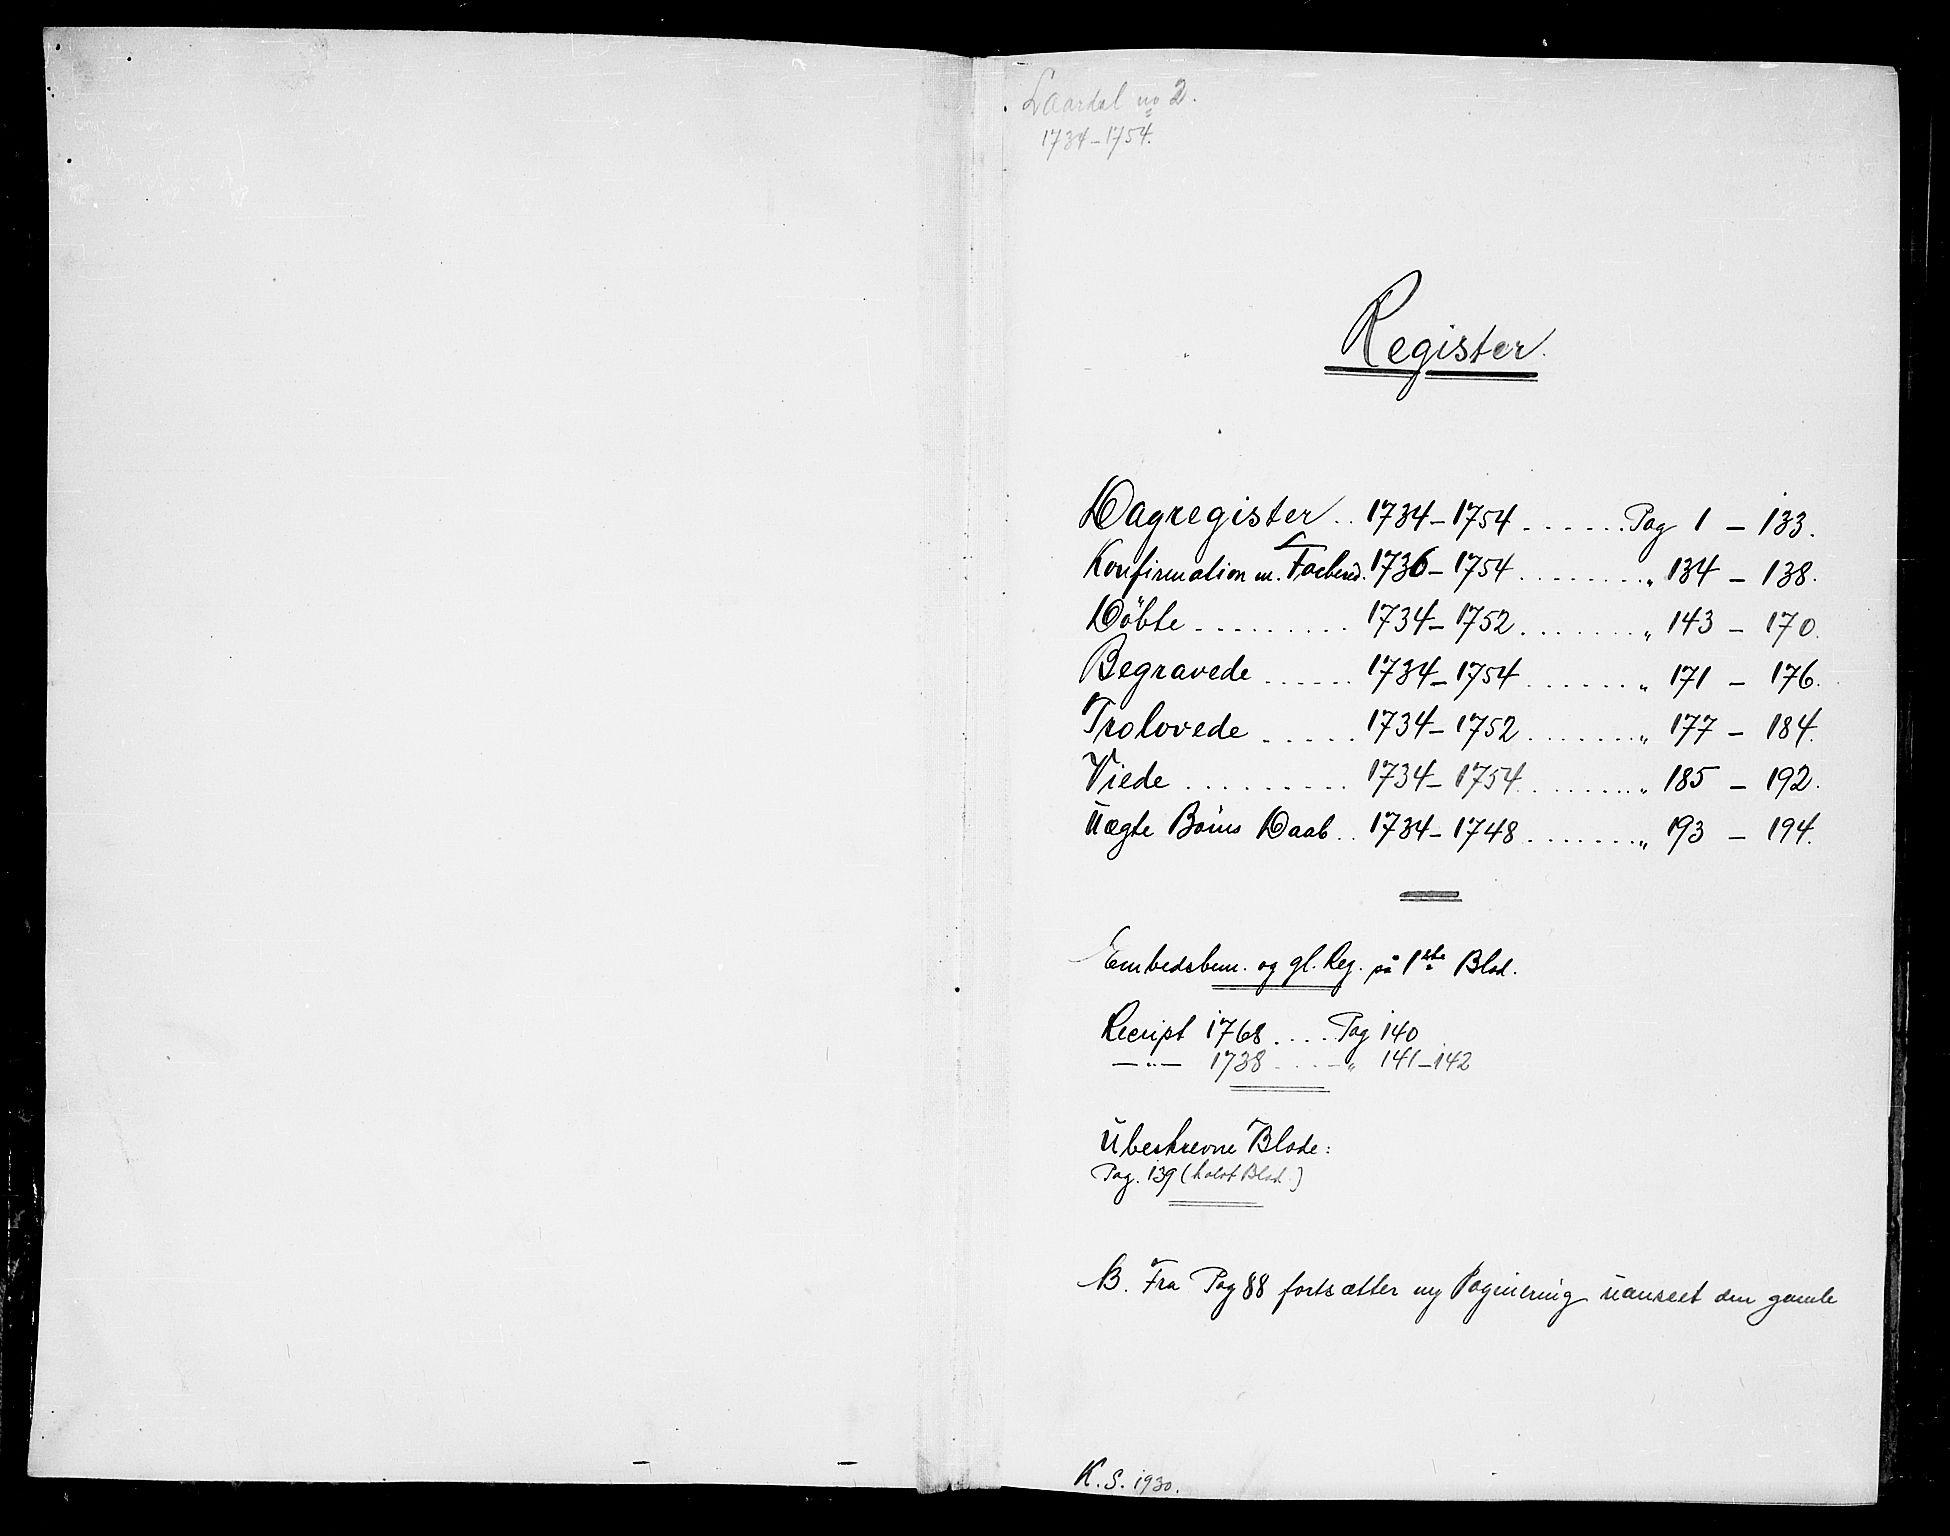 SAKO, Lårdal kirkebøker, F/Fa/L0002: Ministerialbok nr. I 2, 1734-1754